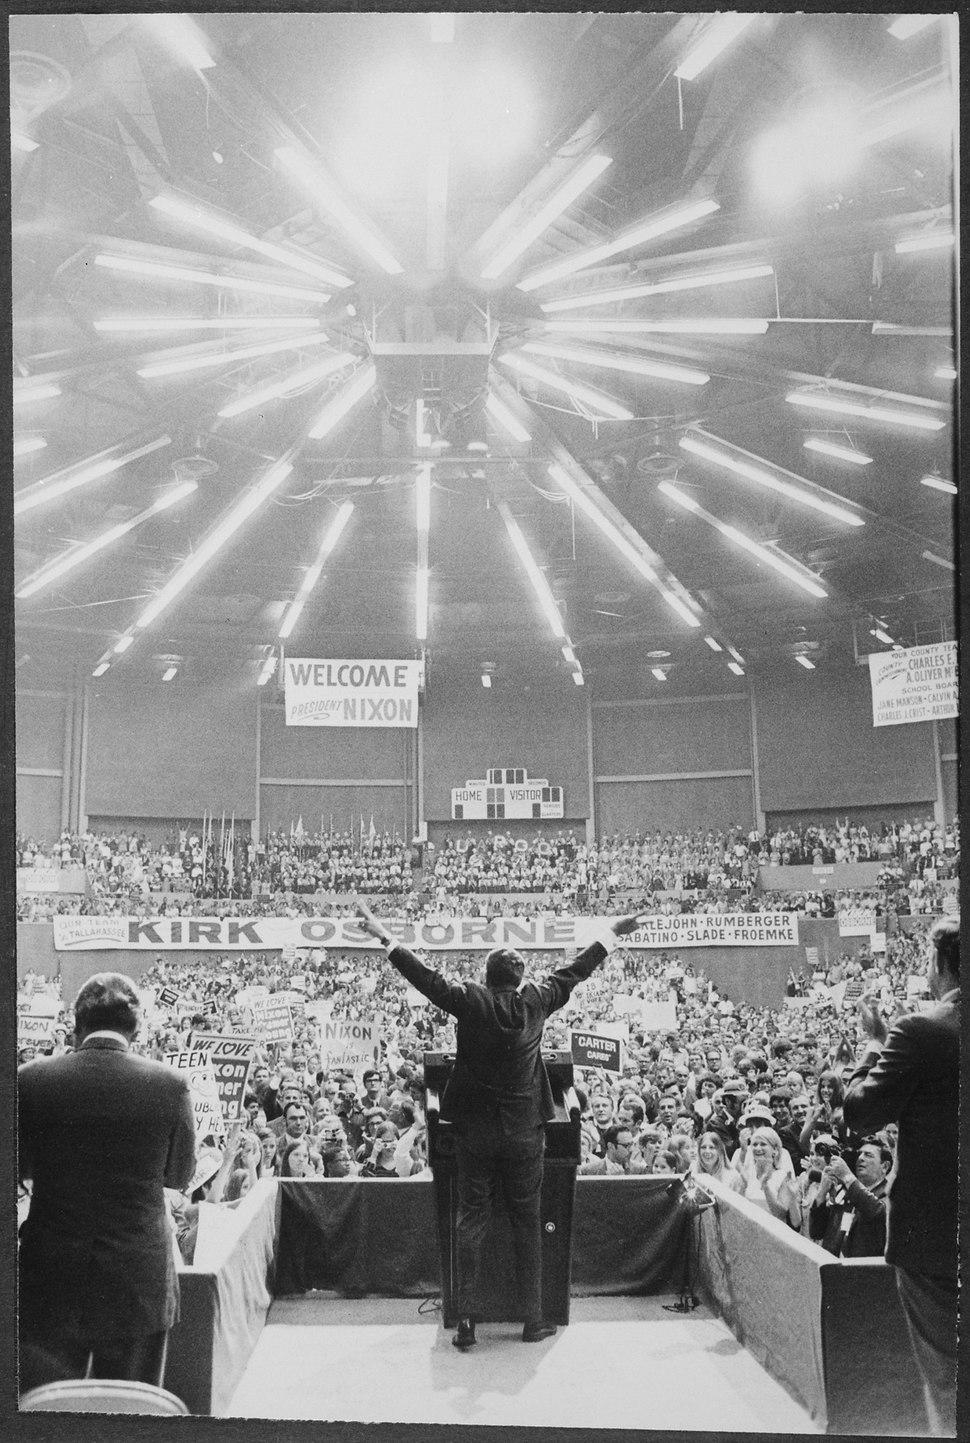 Richard M. Nixon speaking to a crowd in Florida - NARA - 194694